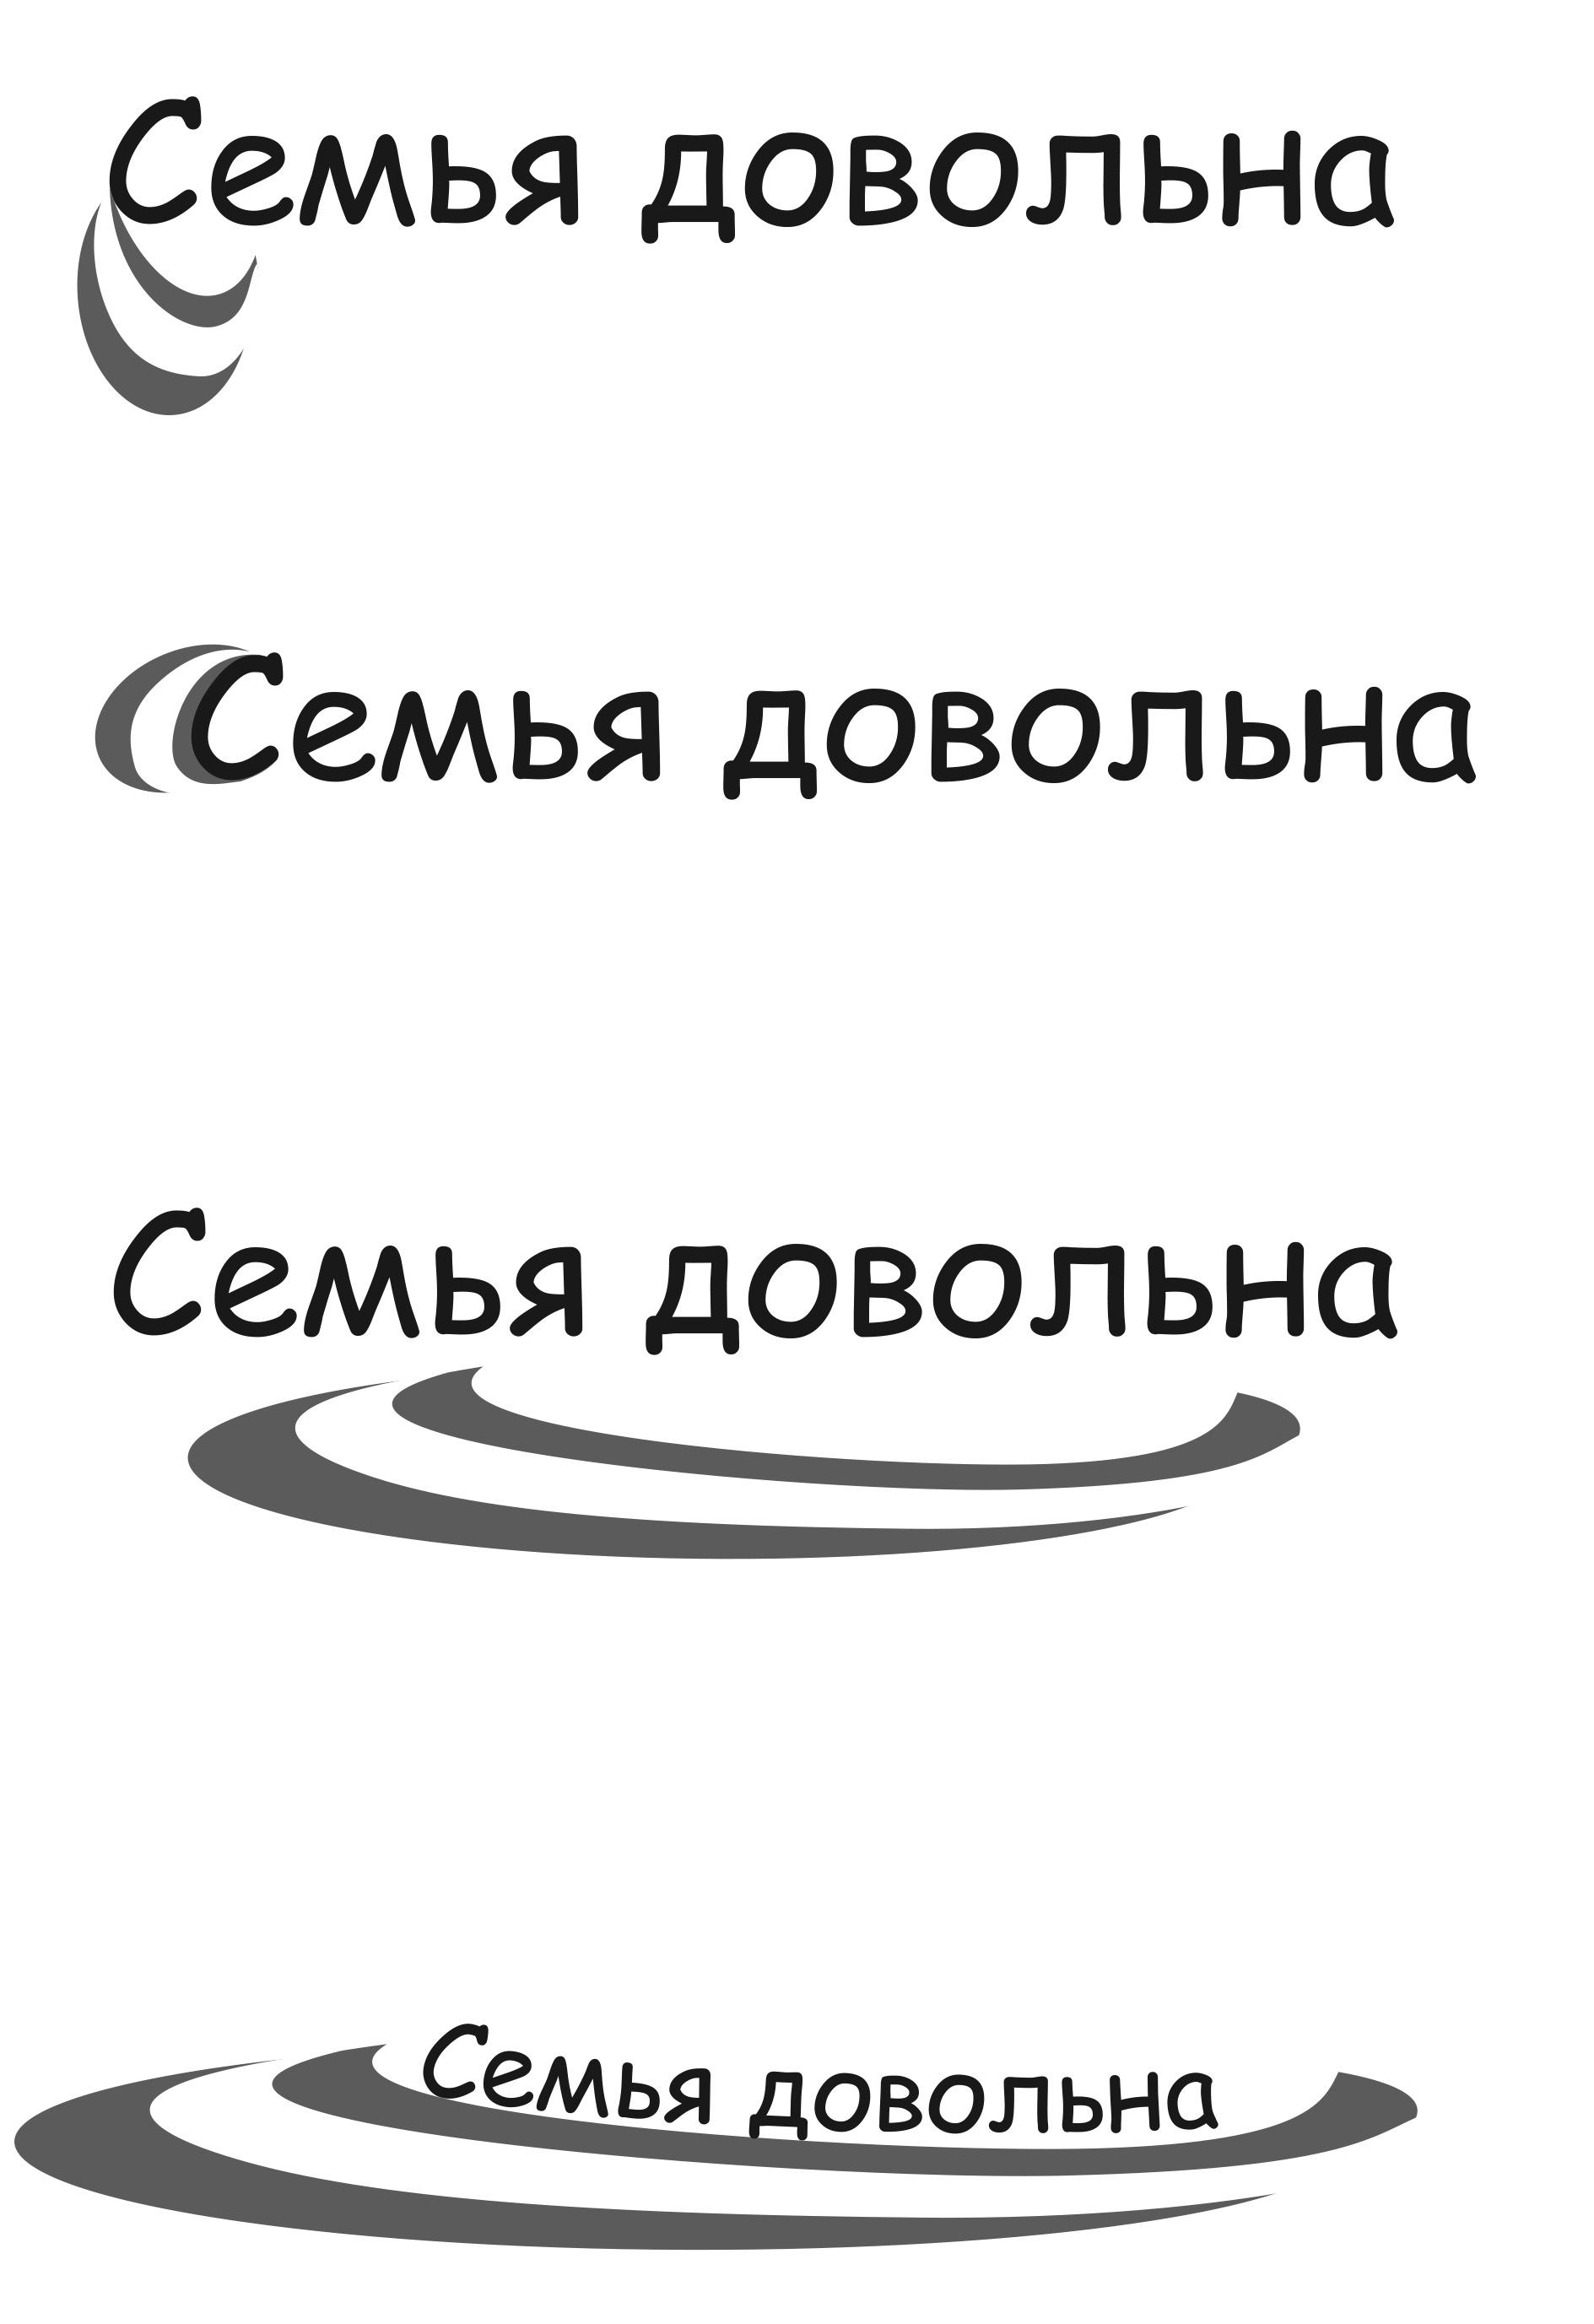 """Разработайте логотип для торговой марки """"Семья довольна"""" фото f_890596c9d59cc130.jpg"""